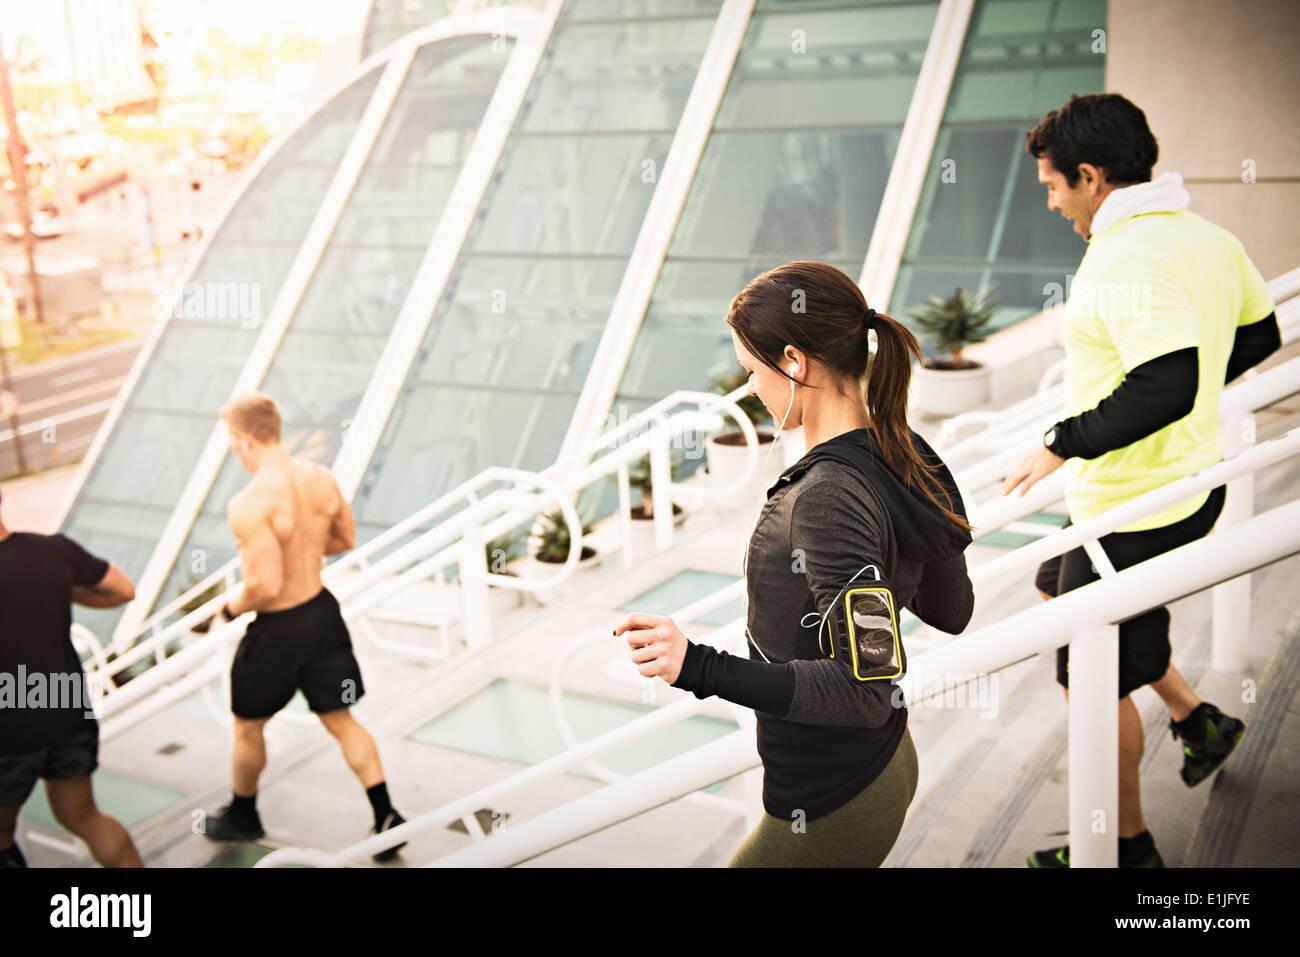 Un pequeño grupo de corredores la capacitación en el centro de convenciones de pasos Imagen De Stock